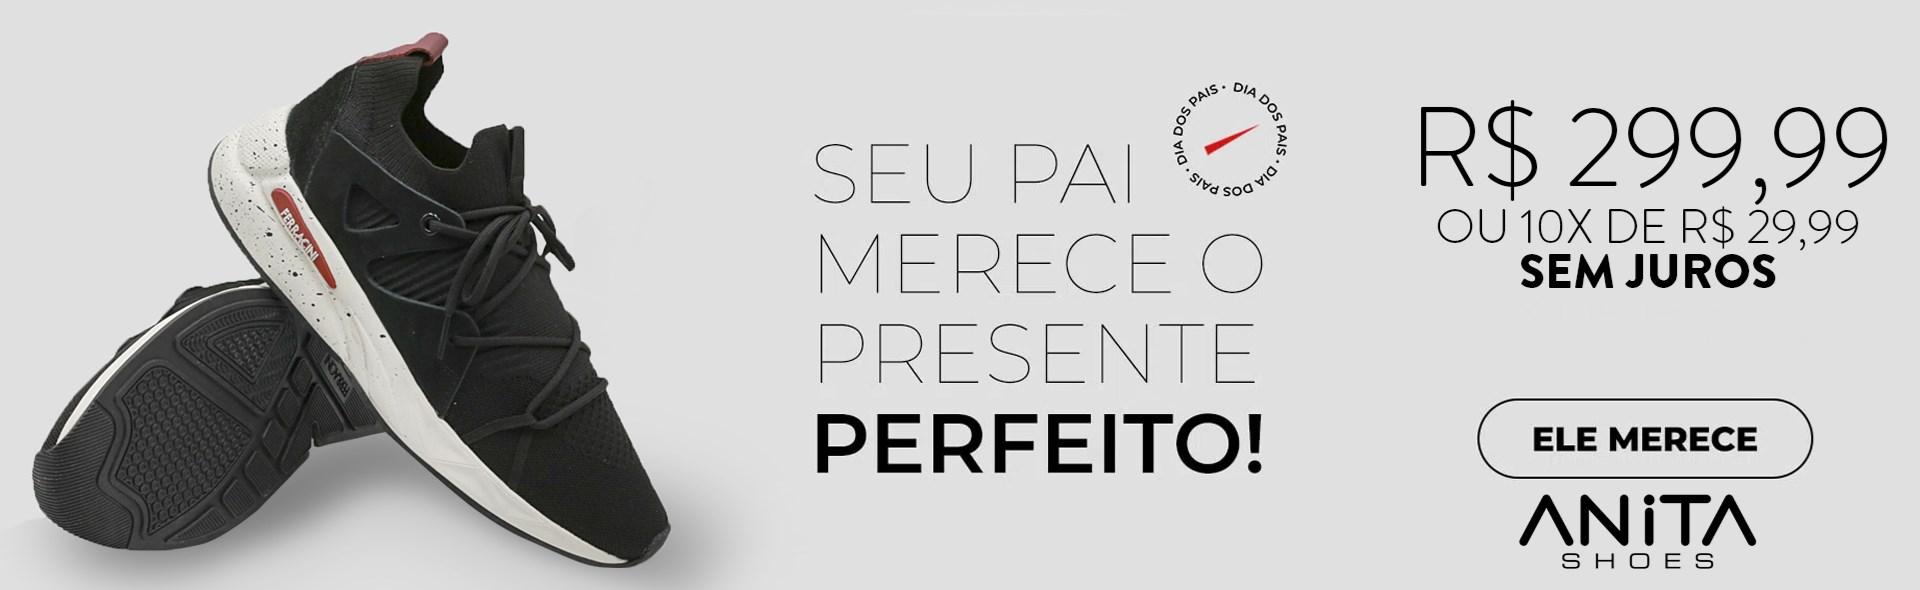 https://www.anita.com.br/busca?busca=ferracini&ordenacao=precoPor